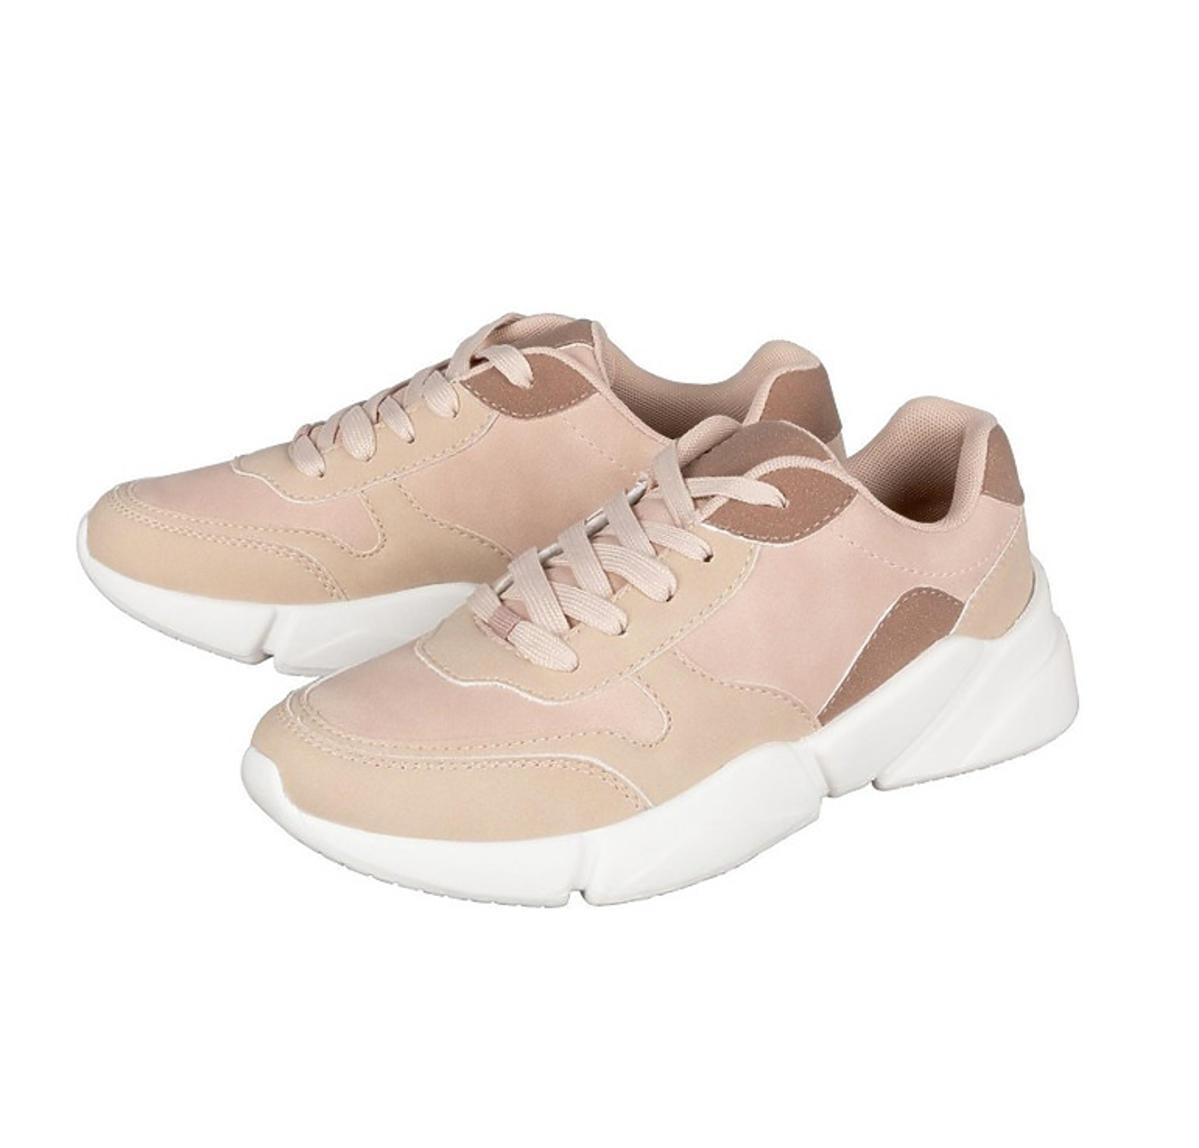 Sneakersy Lidl, 59,99 zł